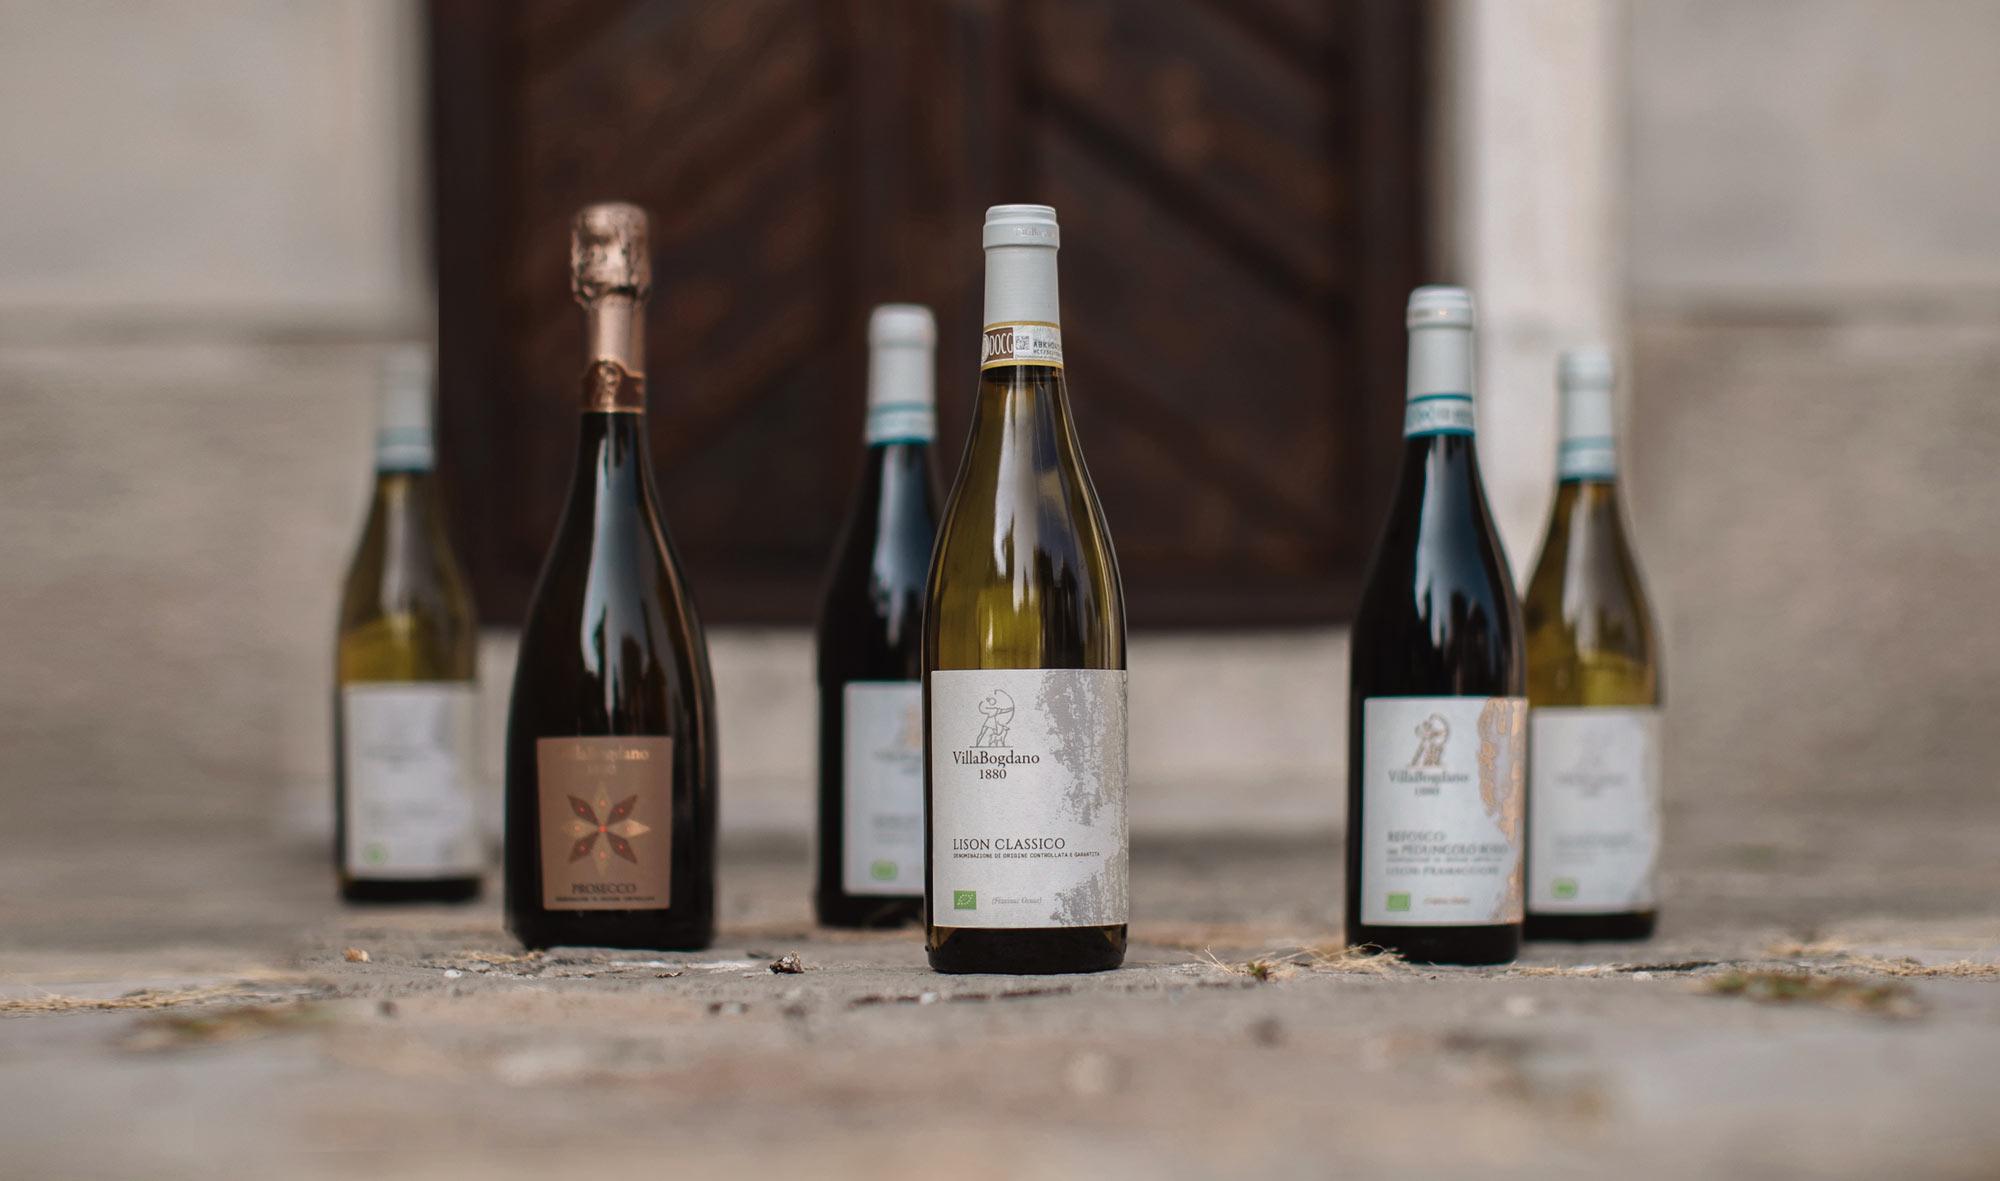 vini villa bogdano lison